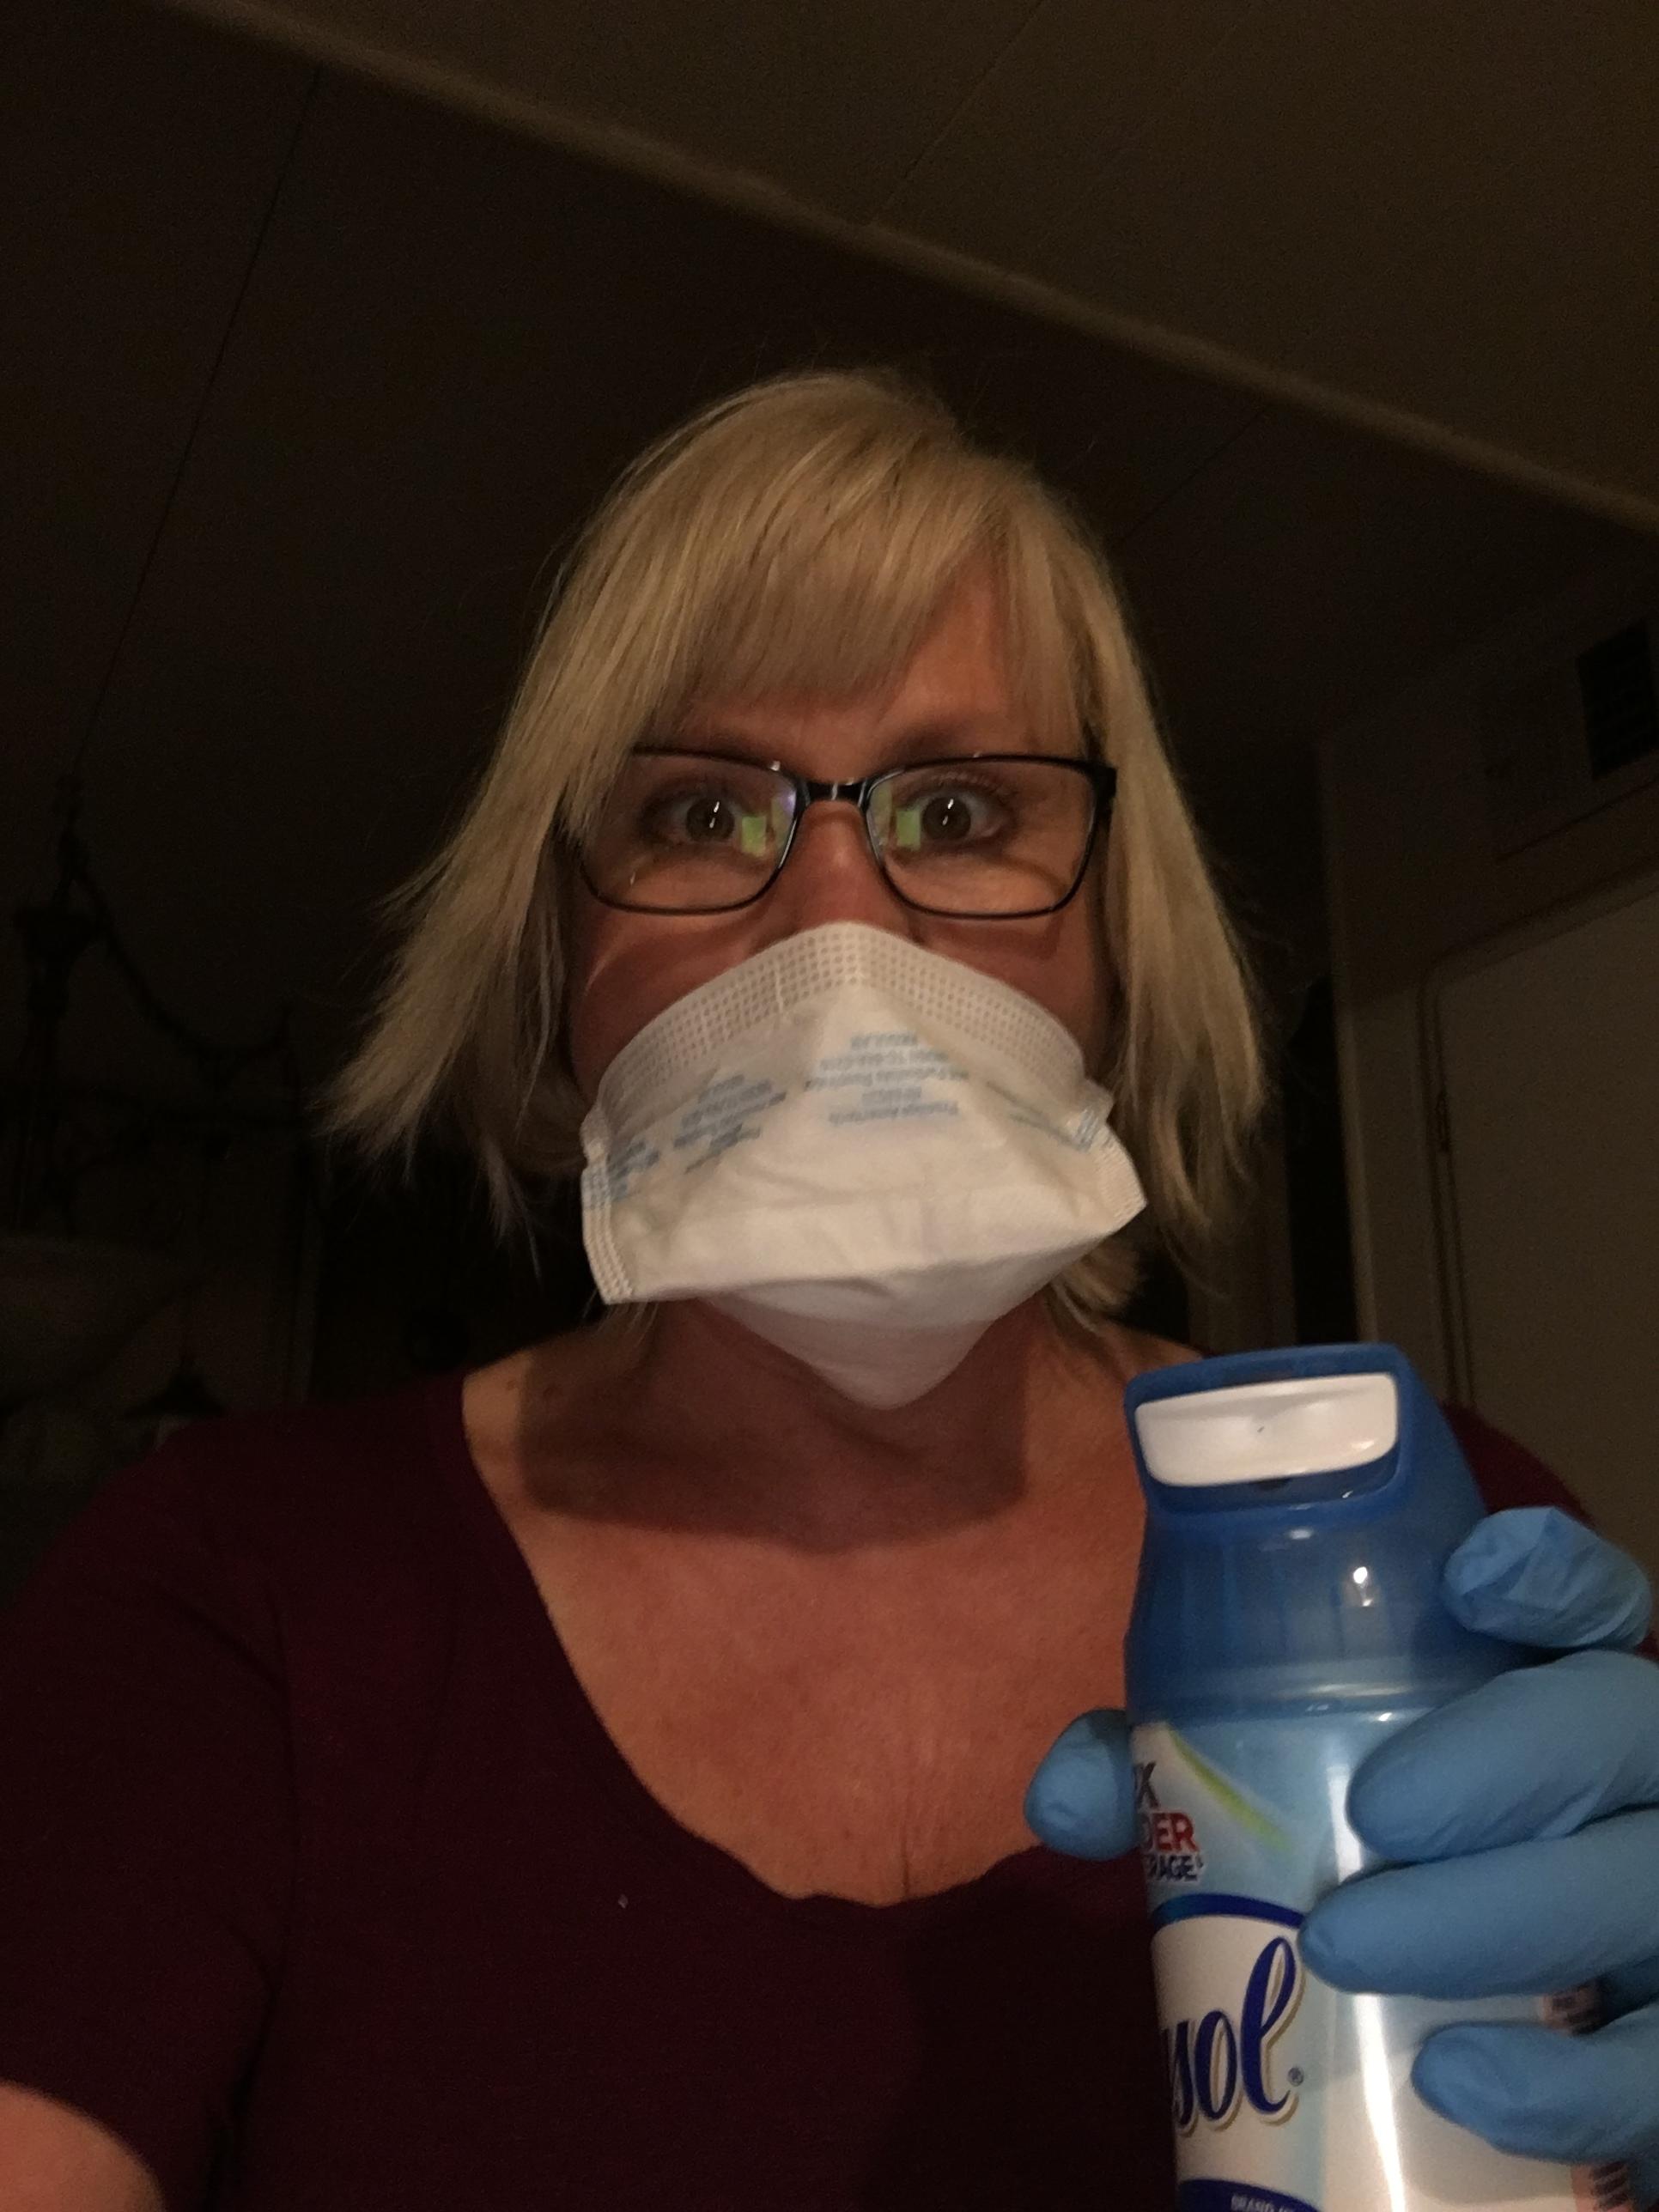 Germs everywhere!